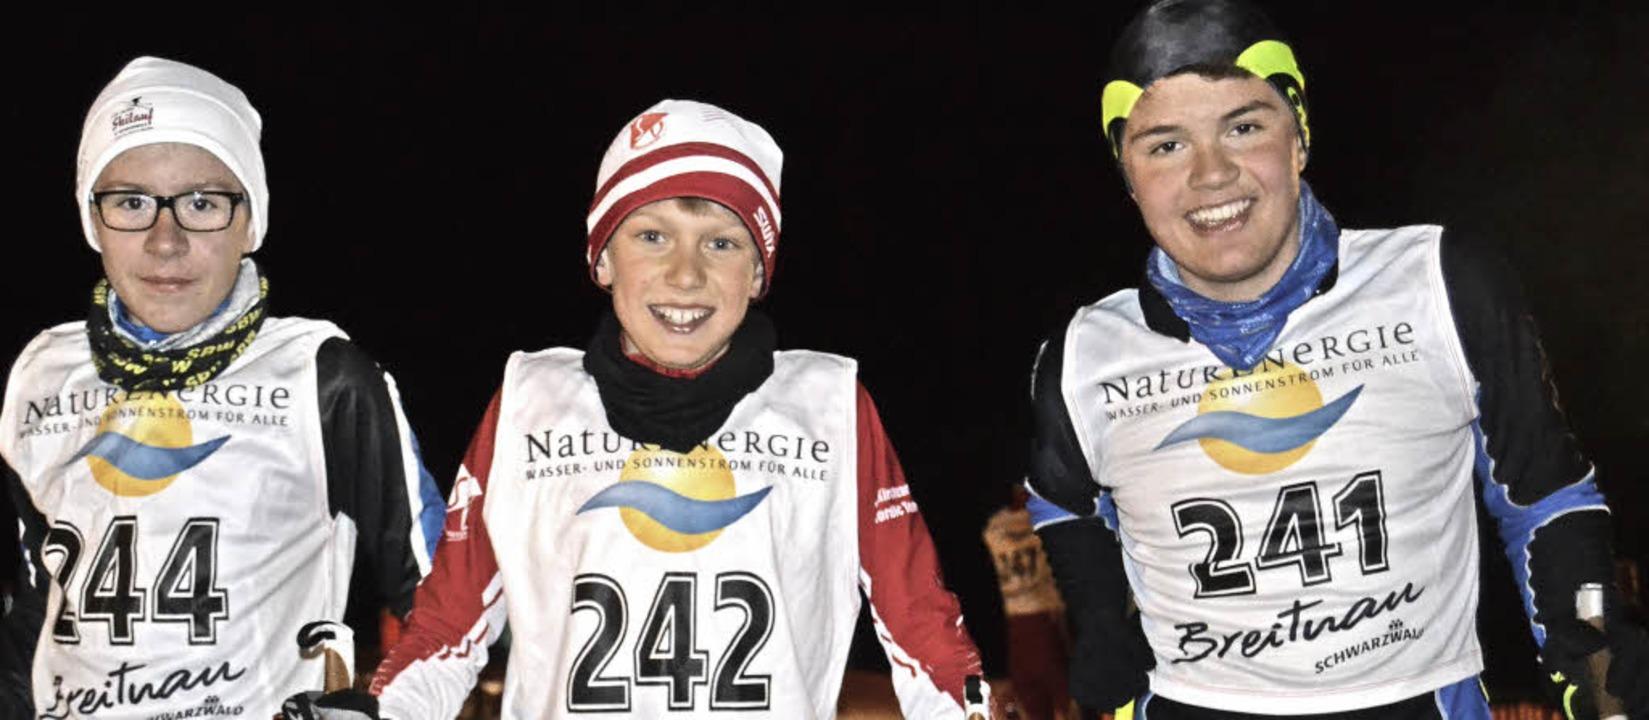 Die schnellsten Schüler der Klasse S12...rtins, Matteo Lewe und Leopold Hensler  | Foto: Junkel